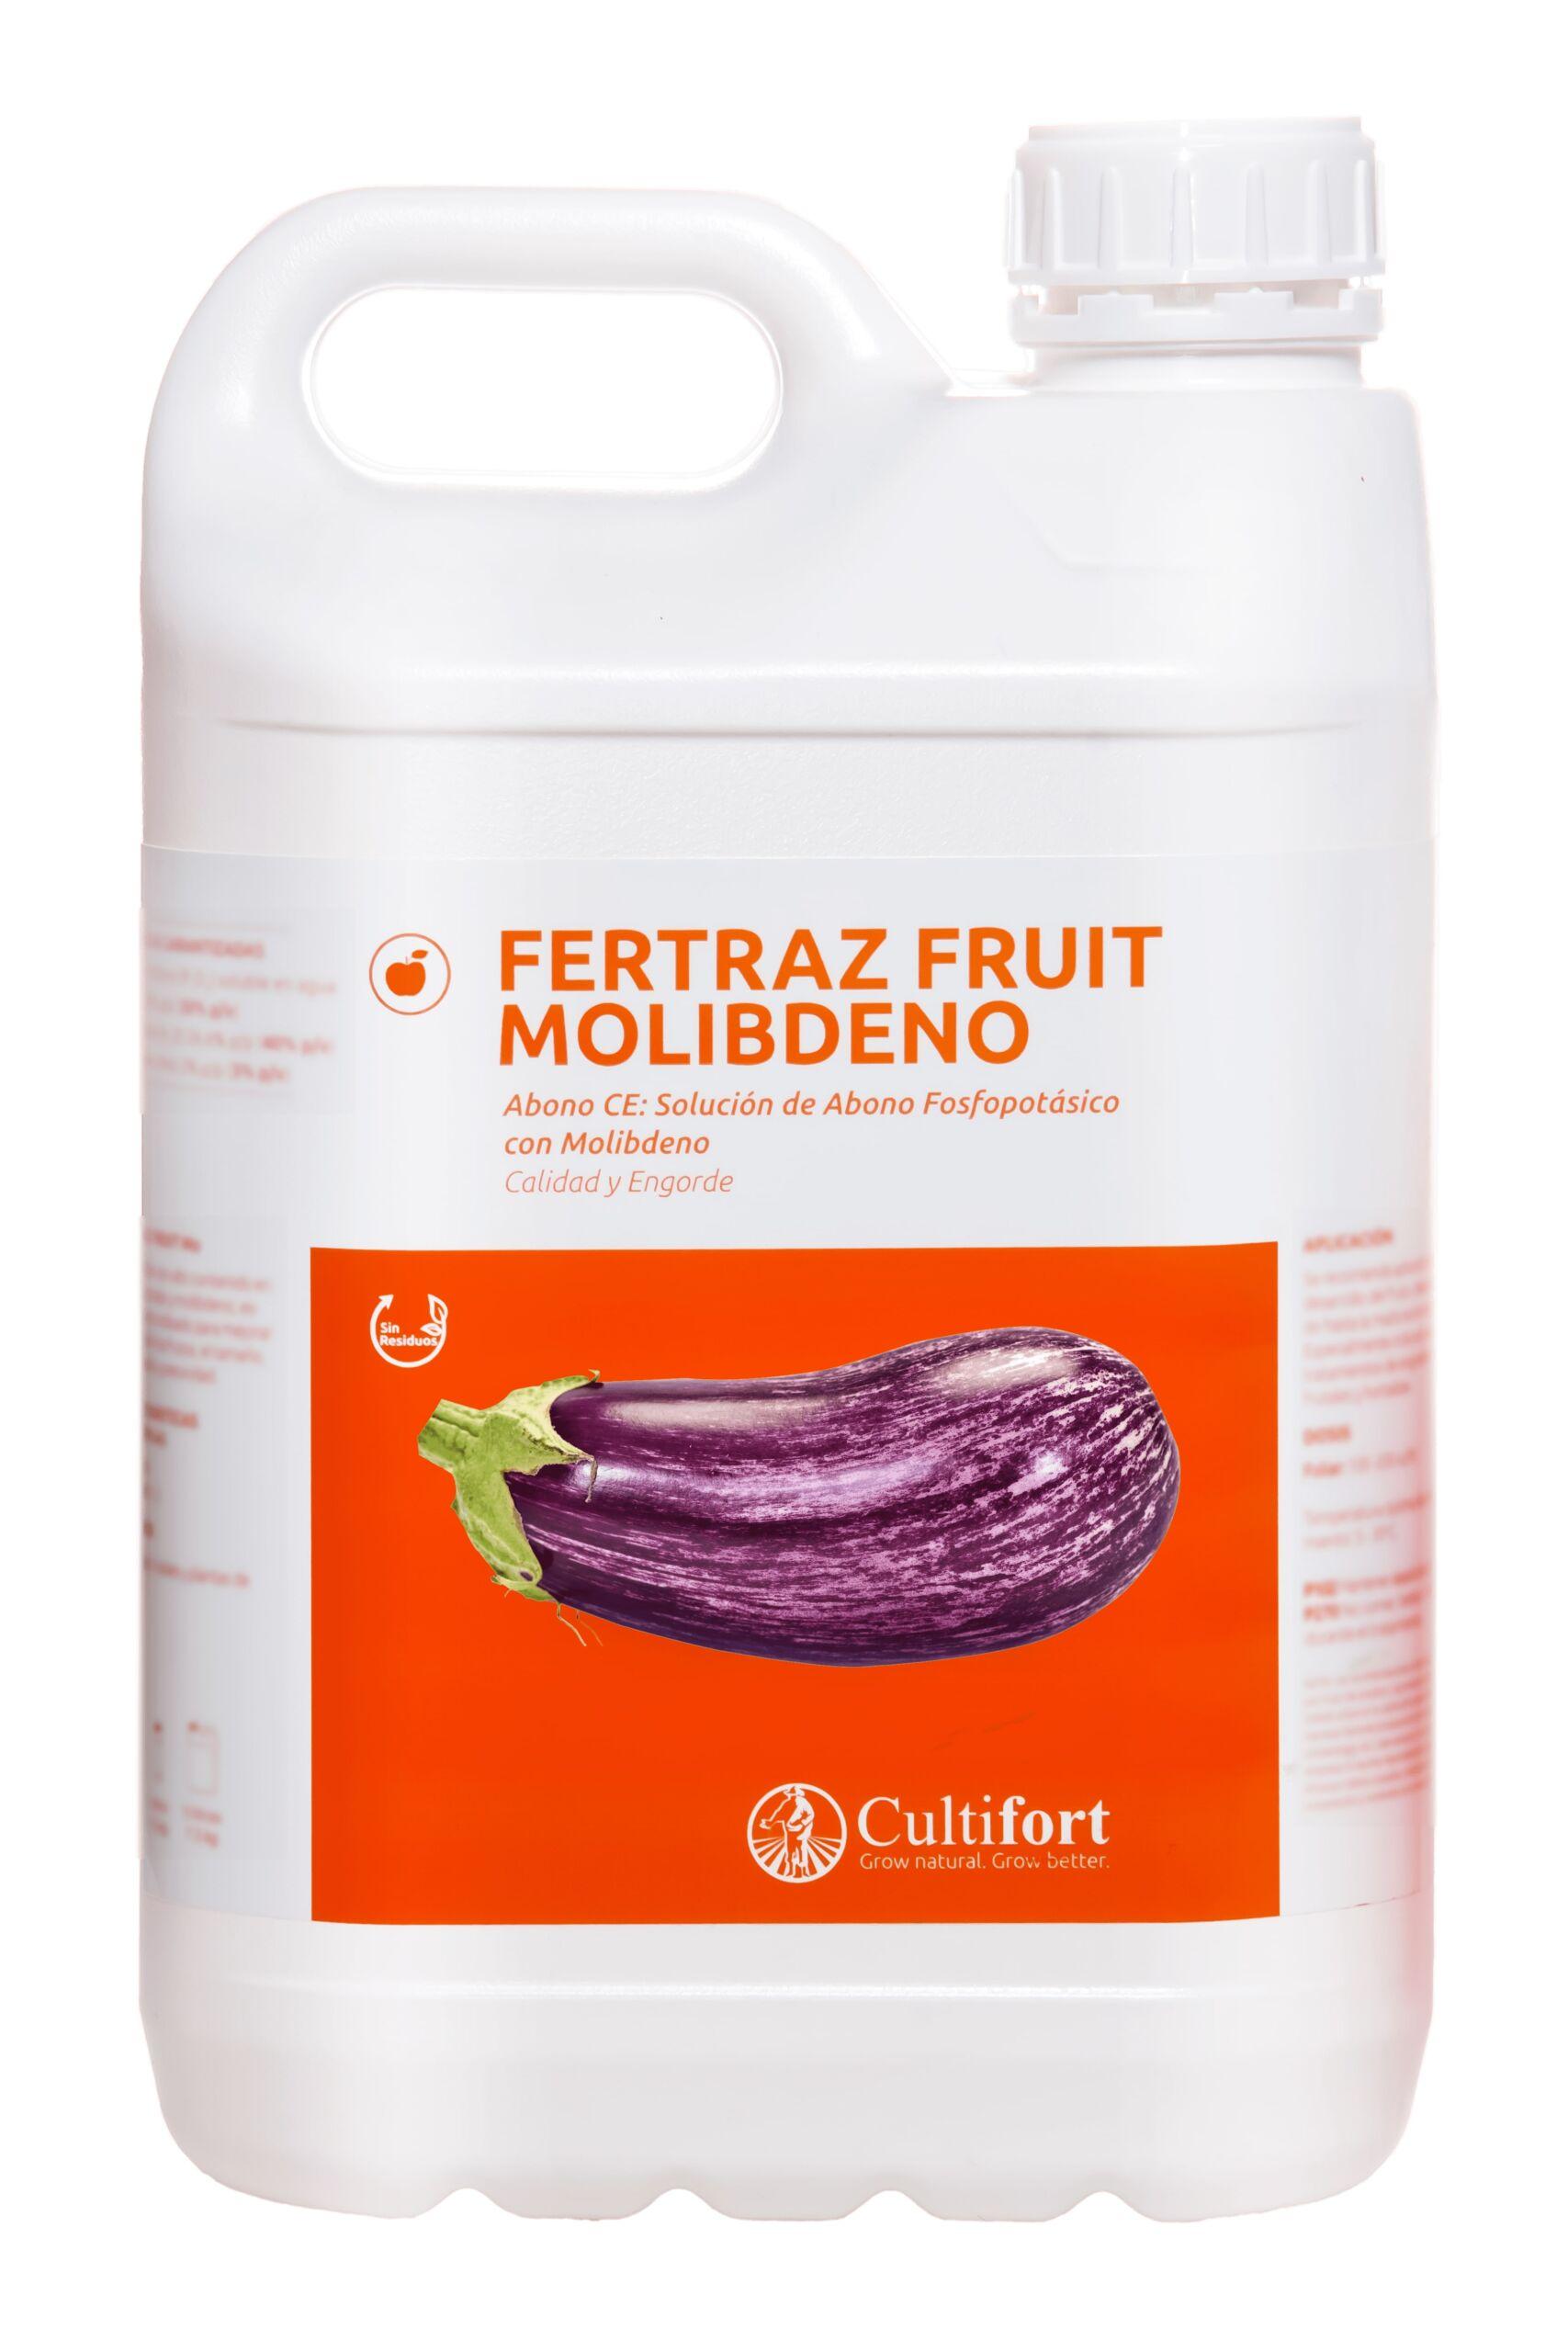 FERTRAZ FRUIT MOLIBDENO 5l